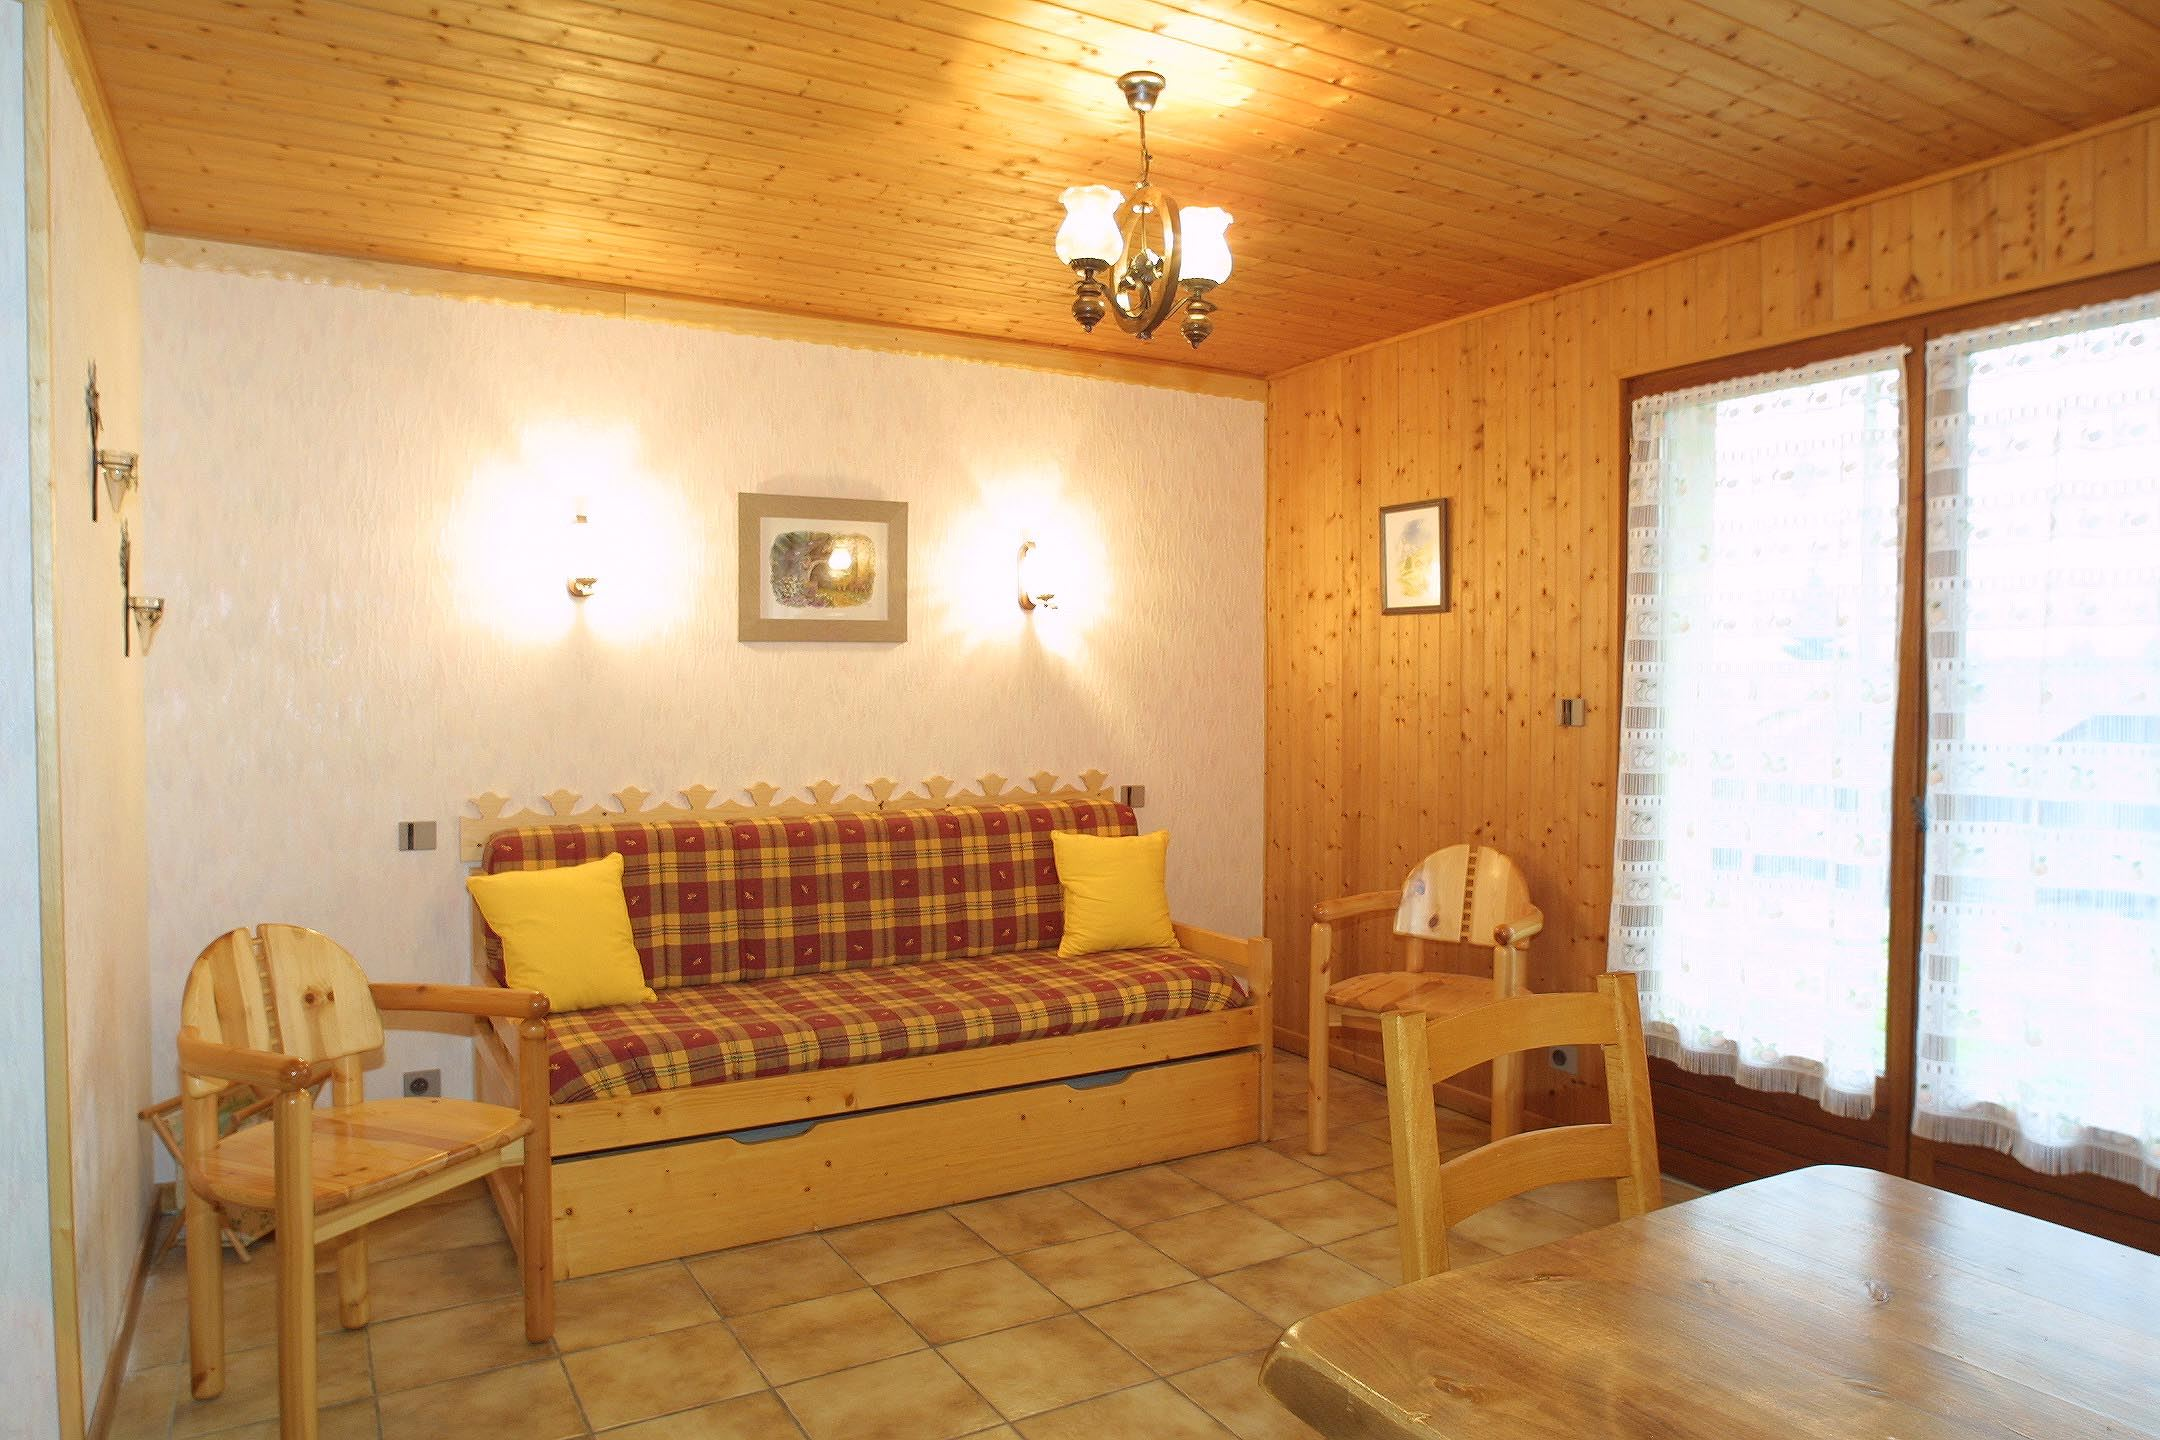 Lägenhet för 6 personer med 2 rum på Forge n°3 - Les Gets